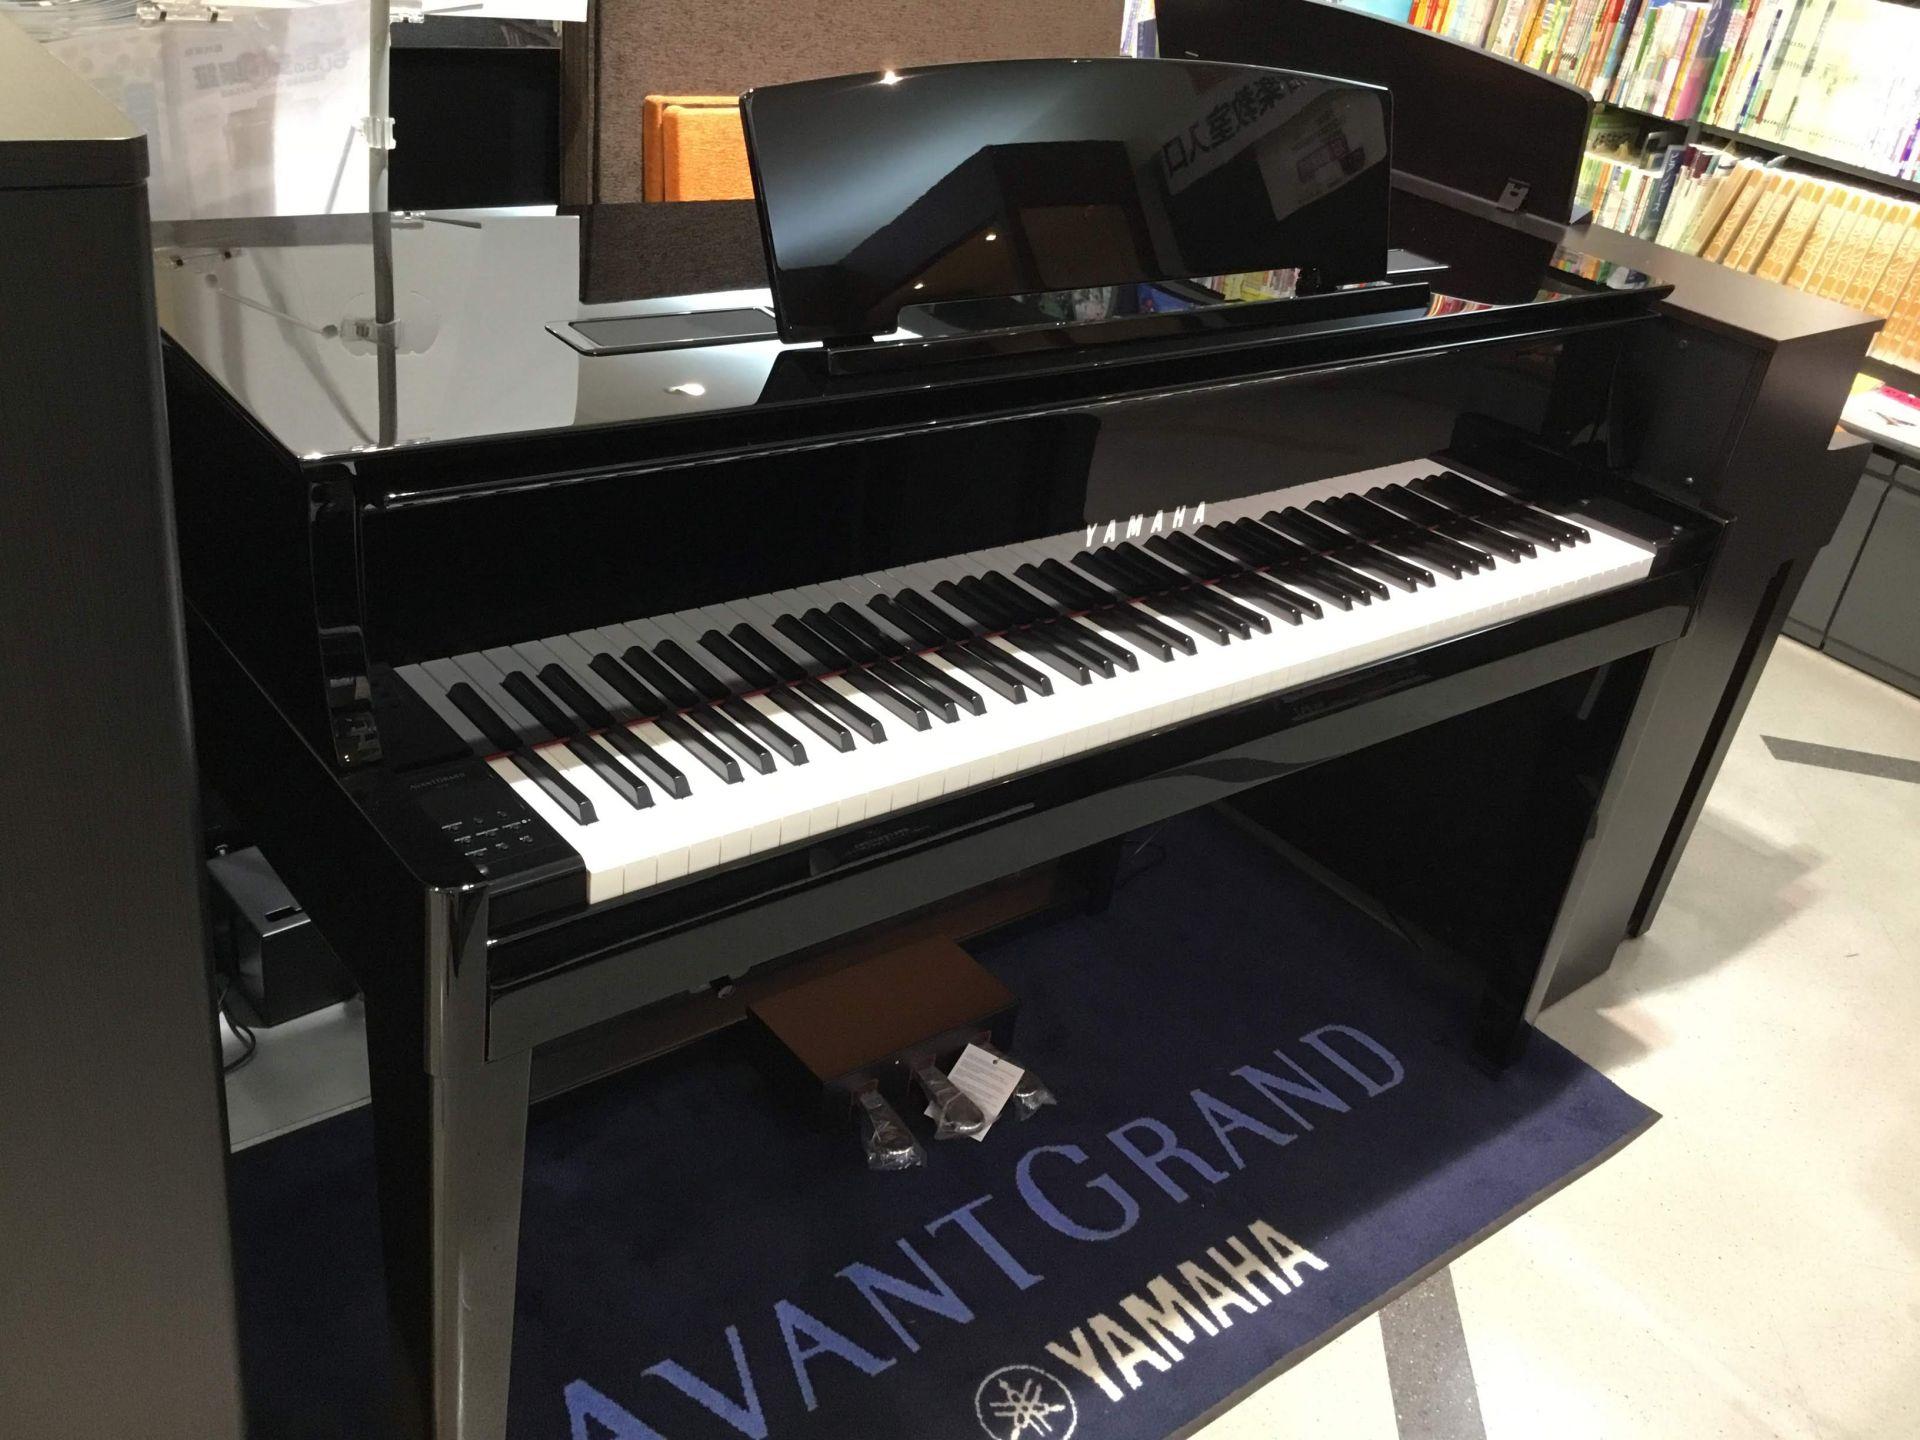 島村楽器 水戸 電子ピアノ 茨城 ハイブリッドピアノ